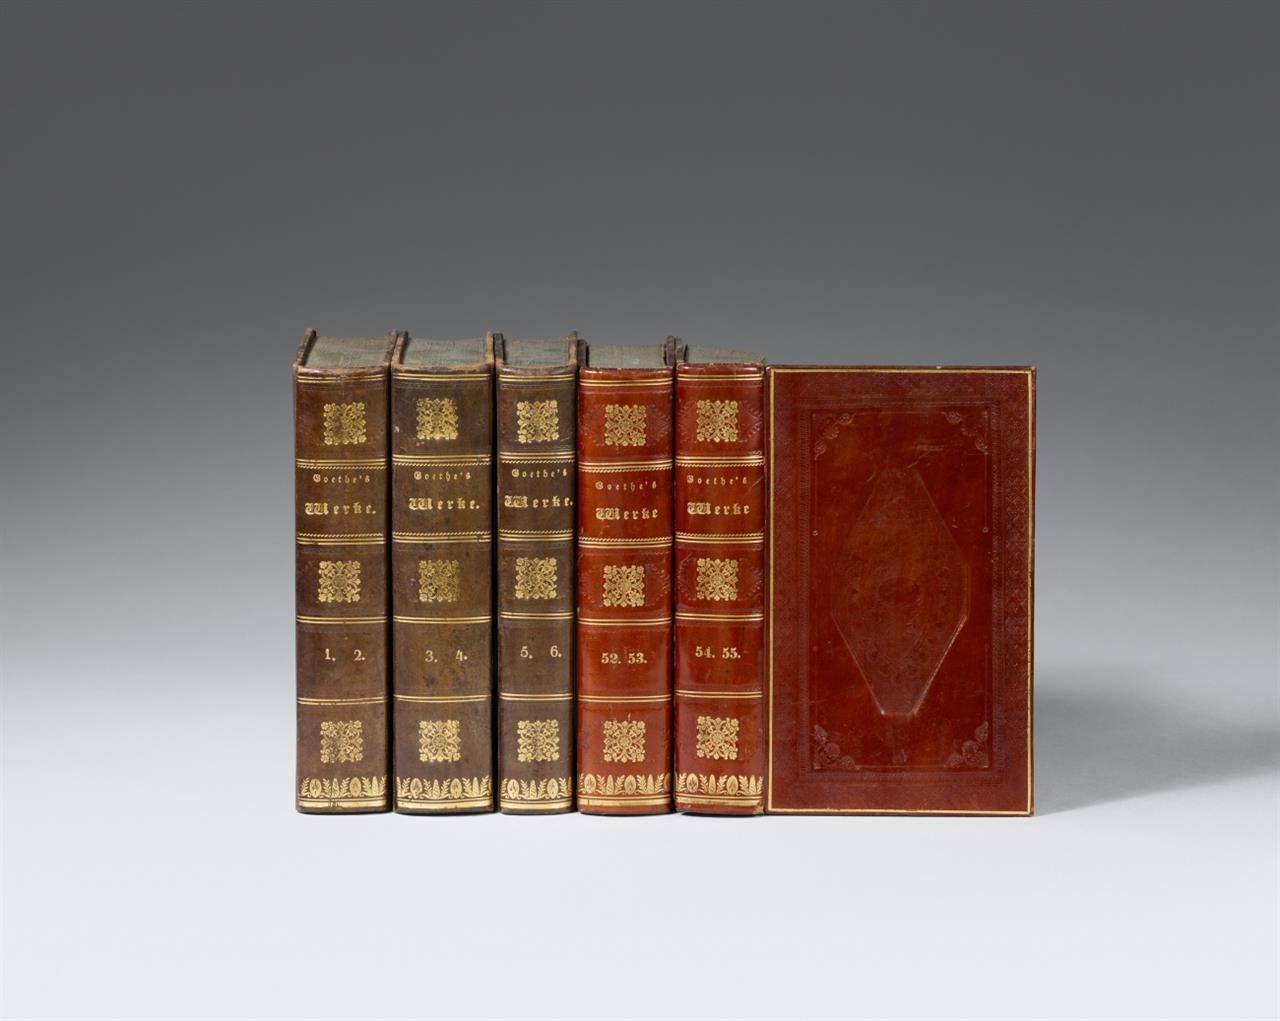 J. W. v. Goethe, Werke. Vollst. Ausg. letzter Hand. 55 in 28 Bdn. Stgt. u. Tüb. 1827-1834.